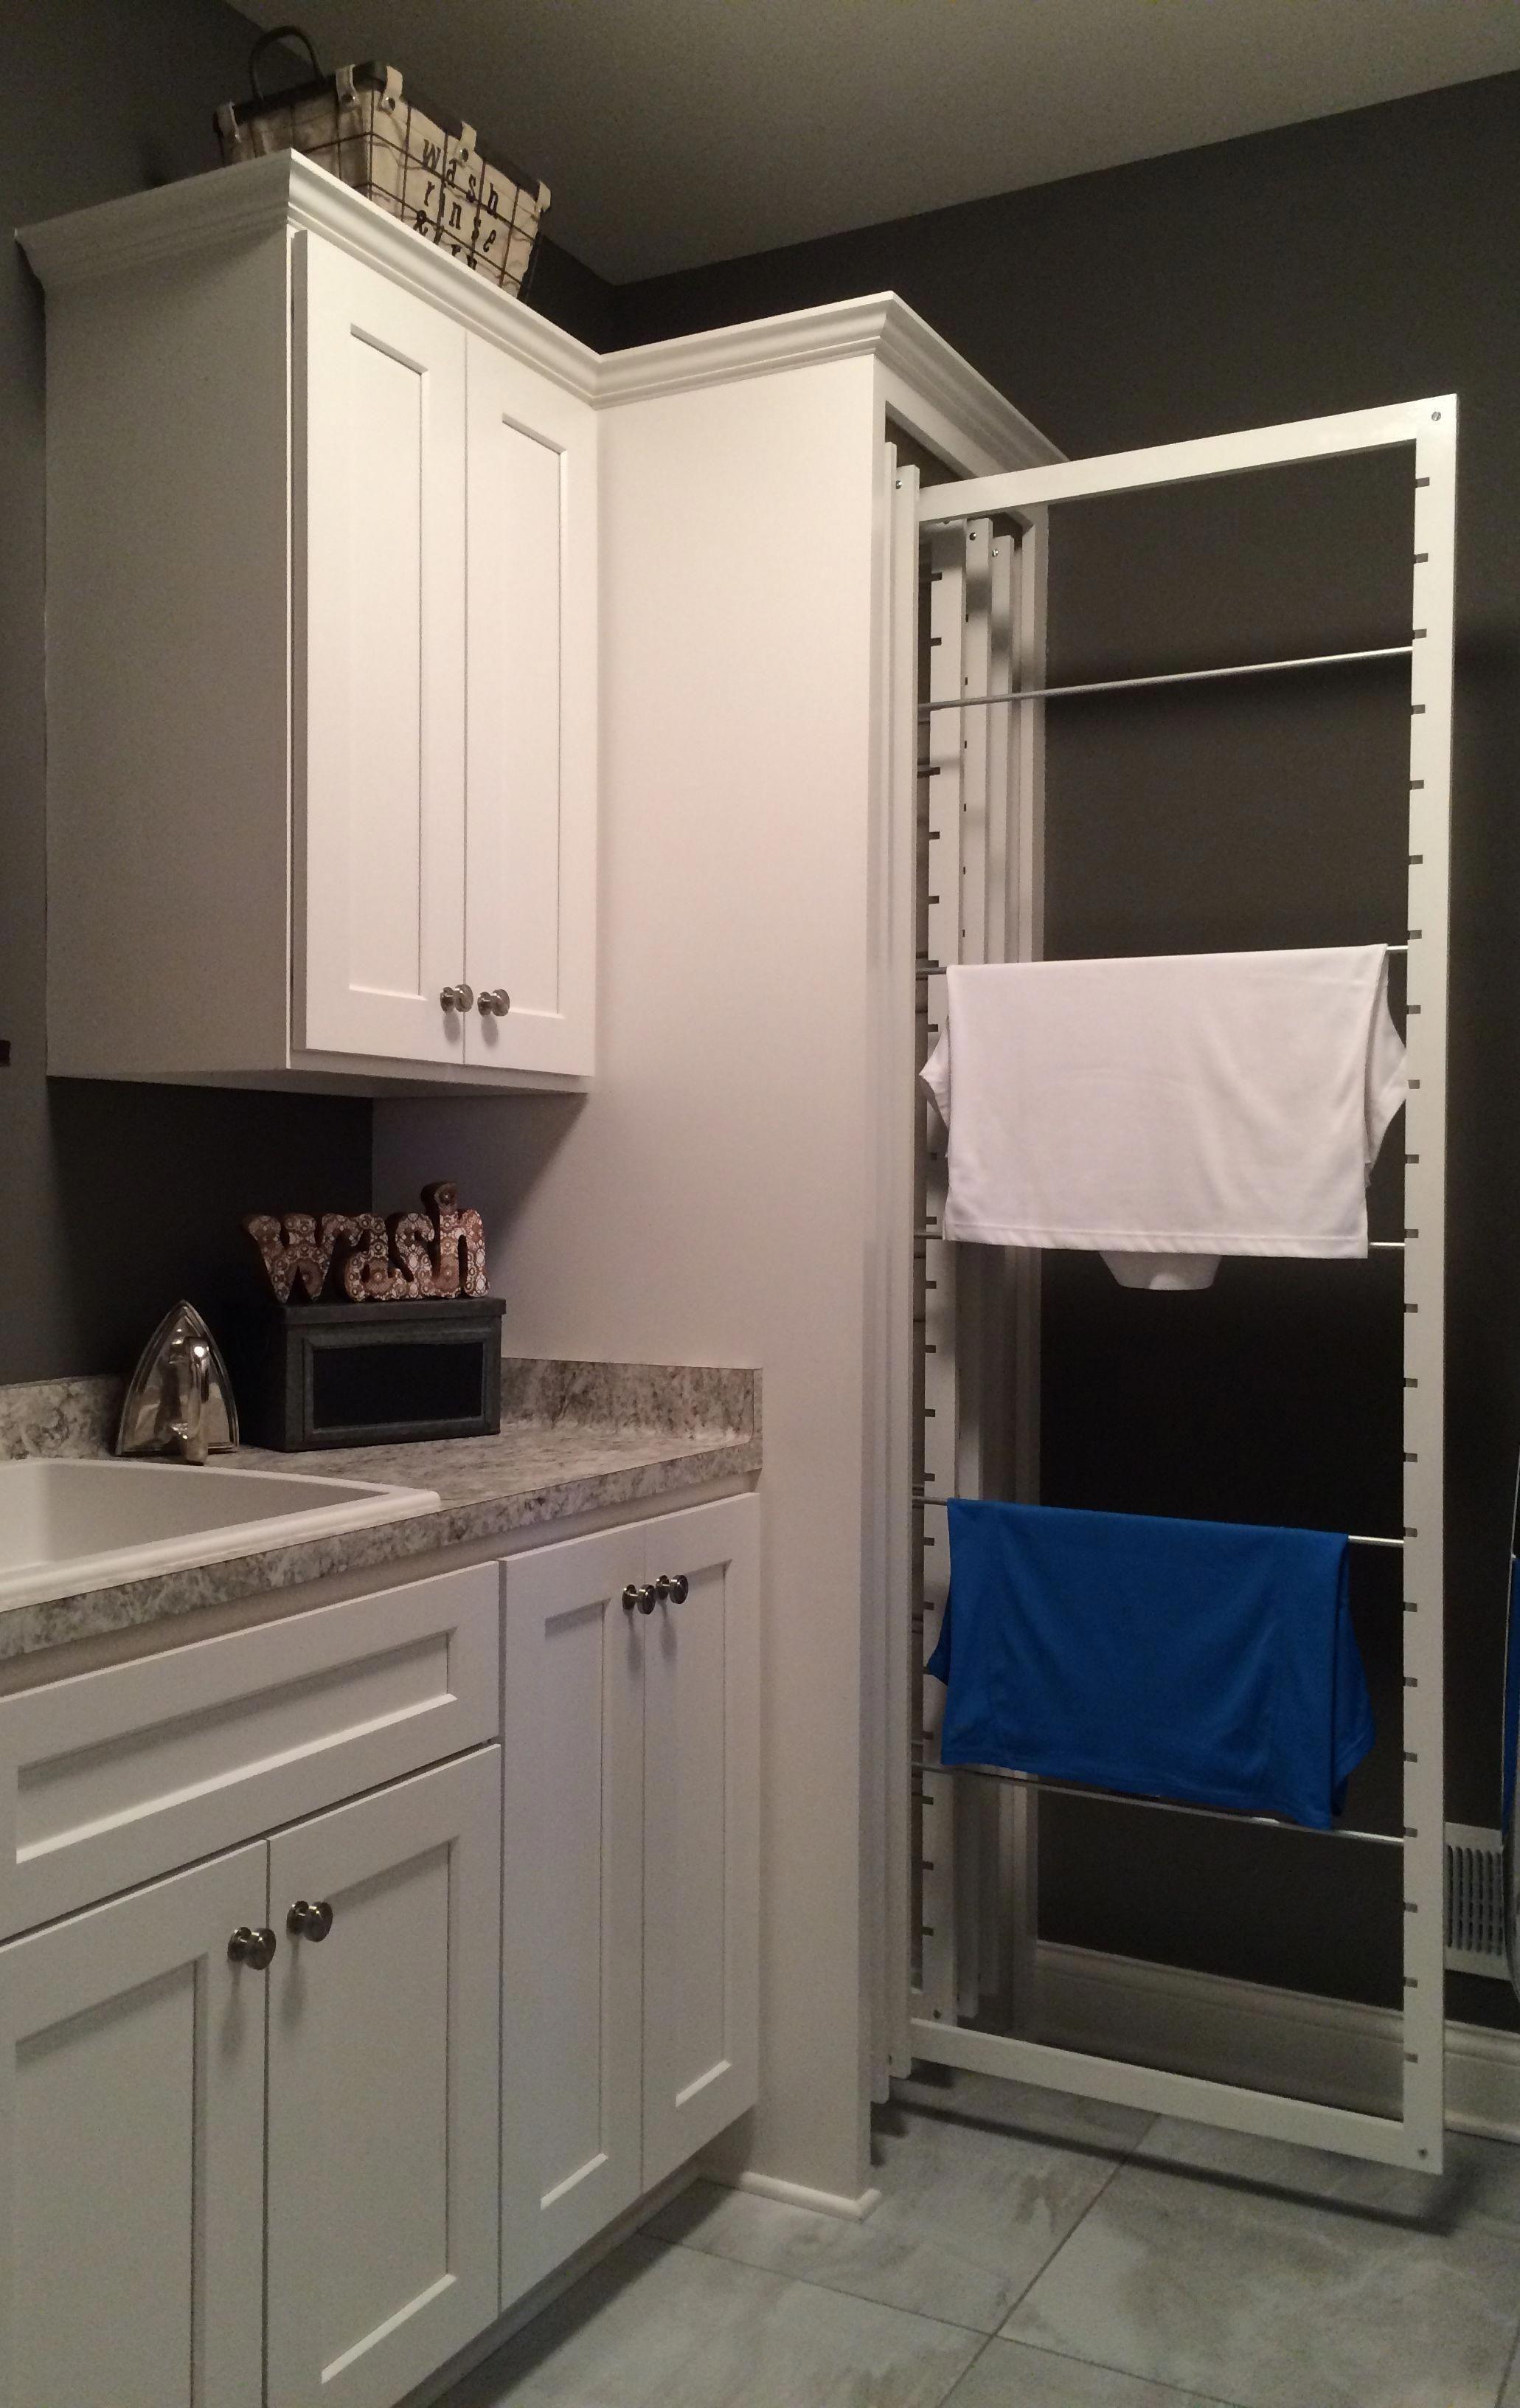 Photo of perfetto per l'armadio per contenere le vasche in modo da poterne estrarre una senza spostarle …